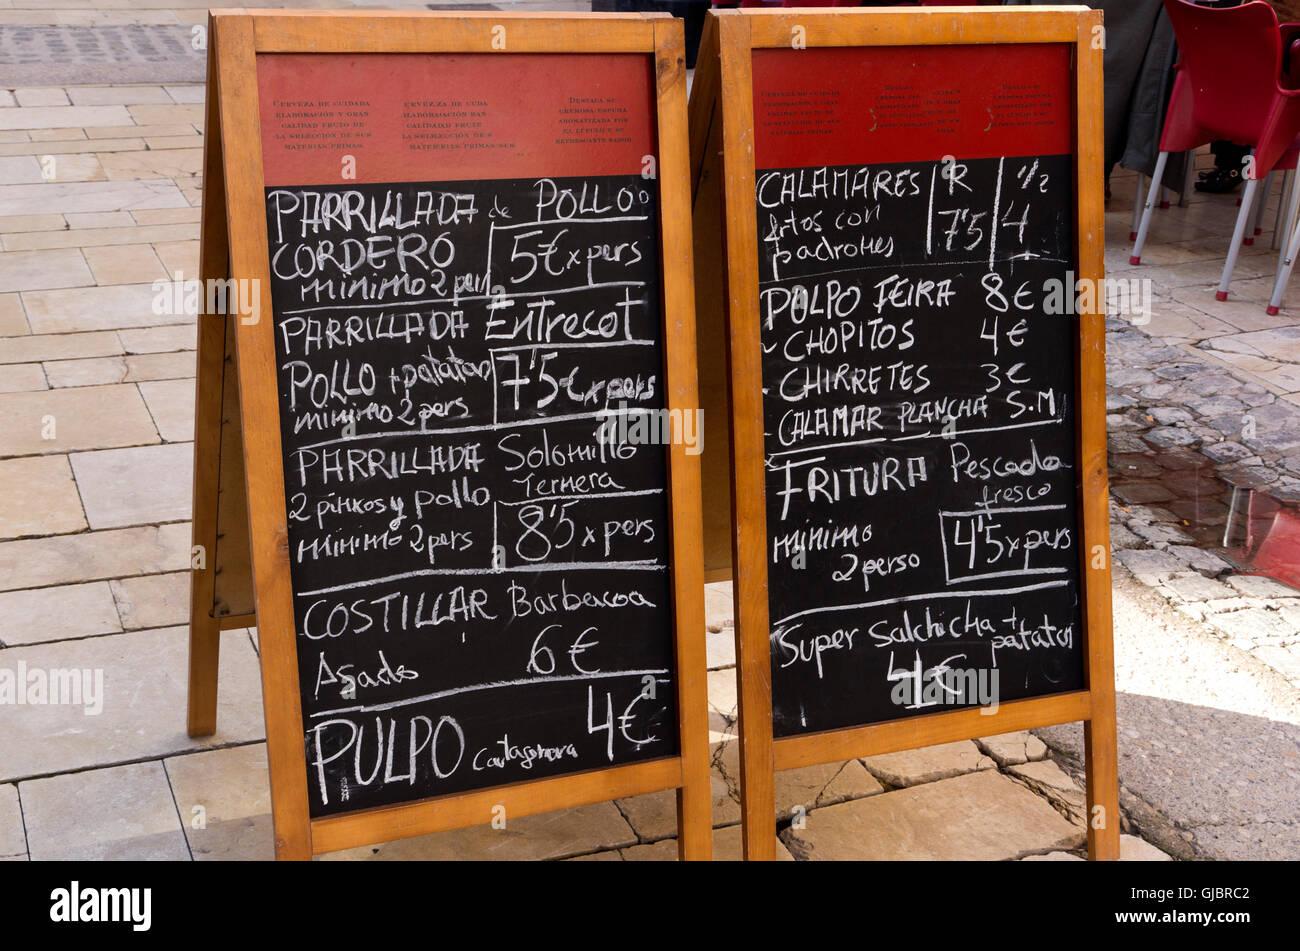 Two sandwich boards with menus written in chalk on blackboards. - Stock Image